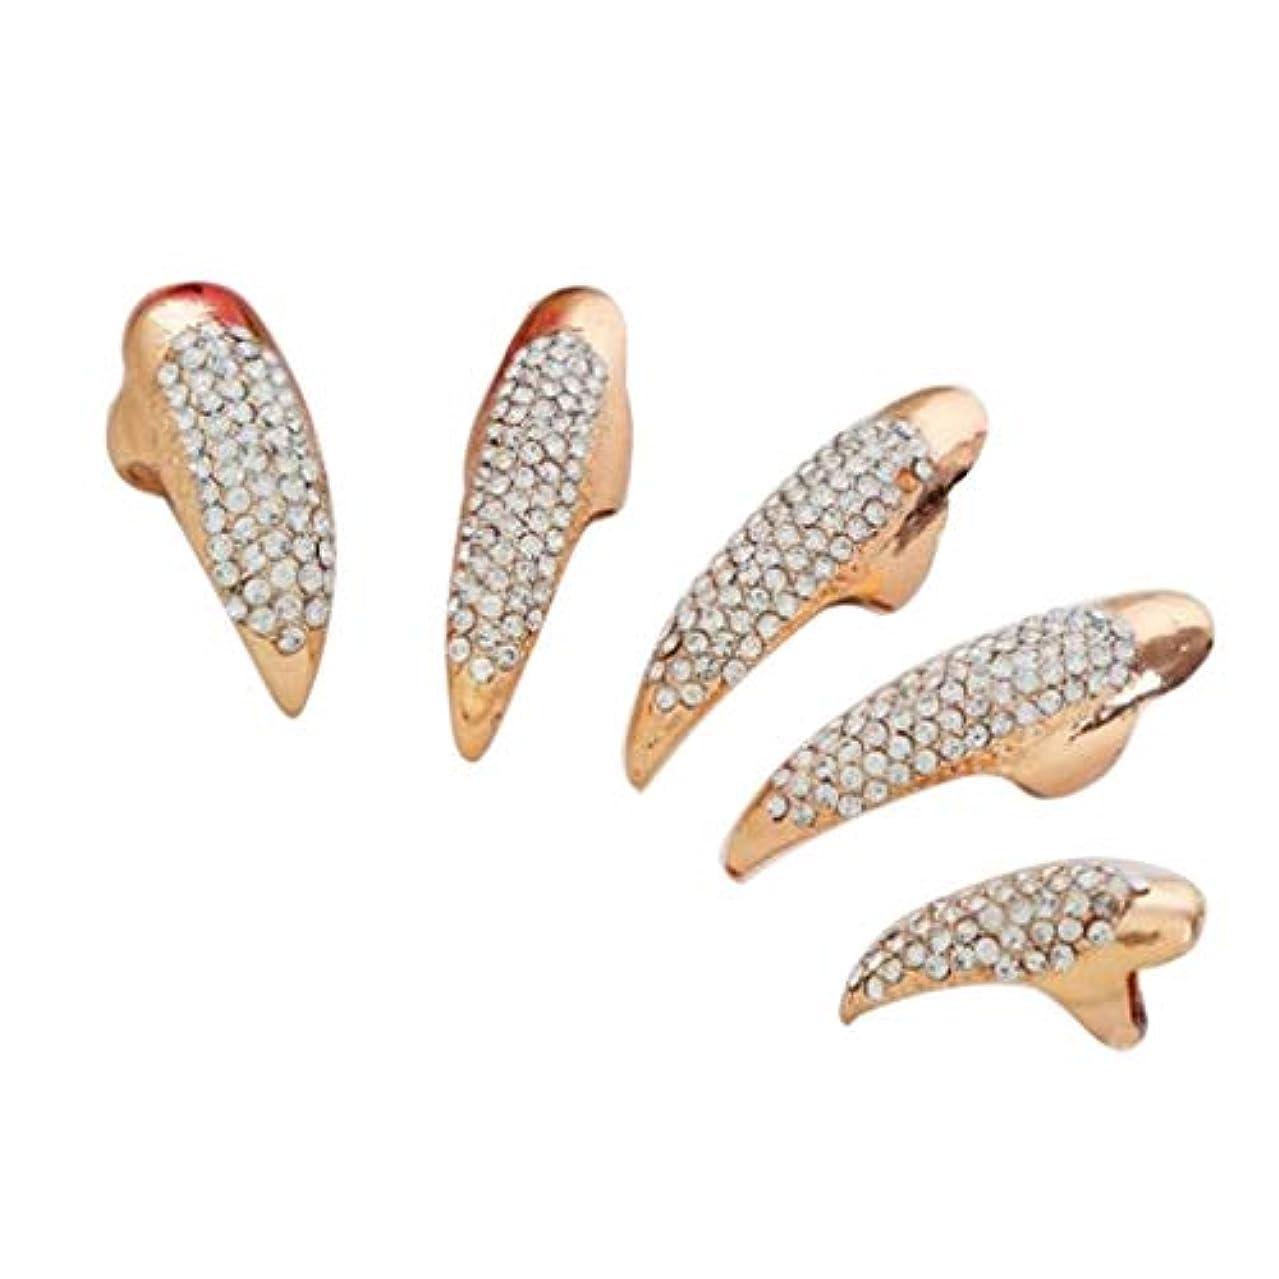 見る雄弁な蚊Sharplace 爪リング ネイルチップ ネイルアート 人工の爪 曲げ爪 コスプレ パーティー 2色選べ - ゴールデン